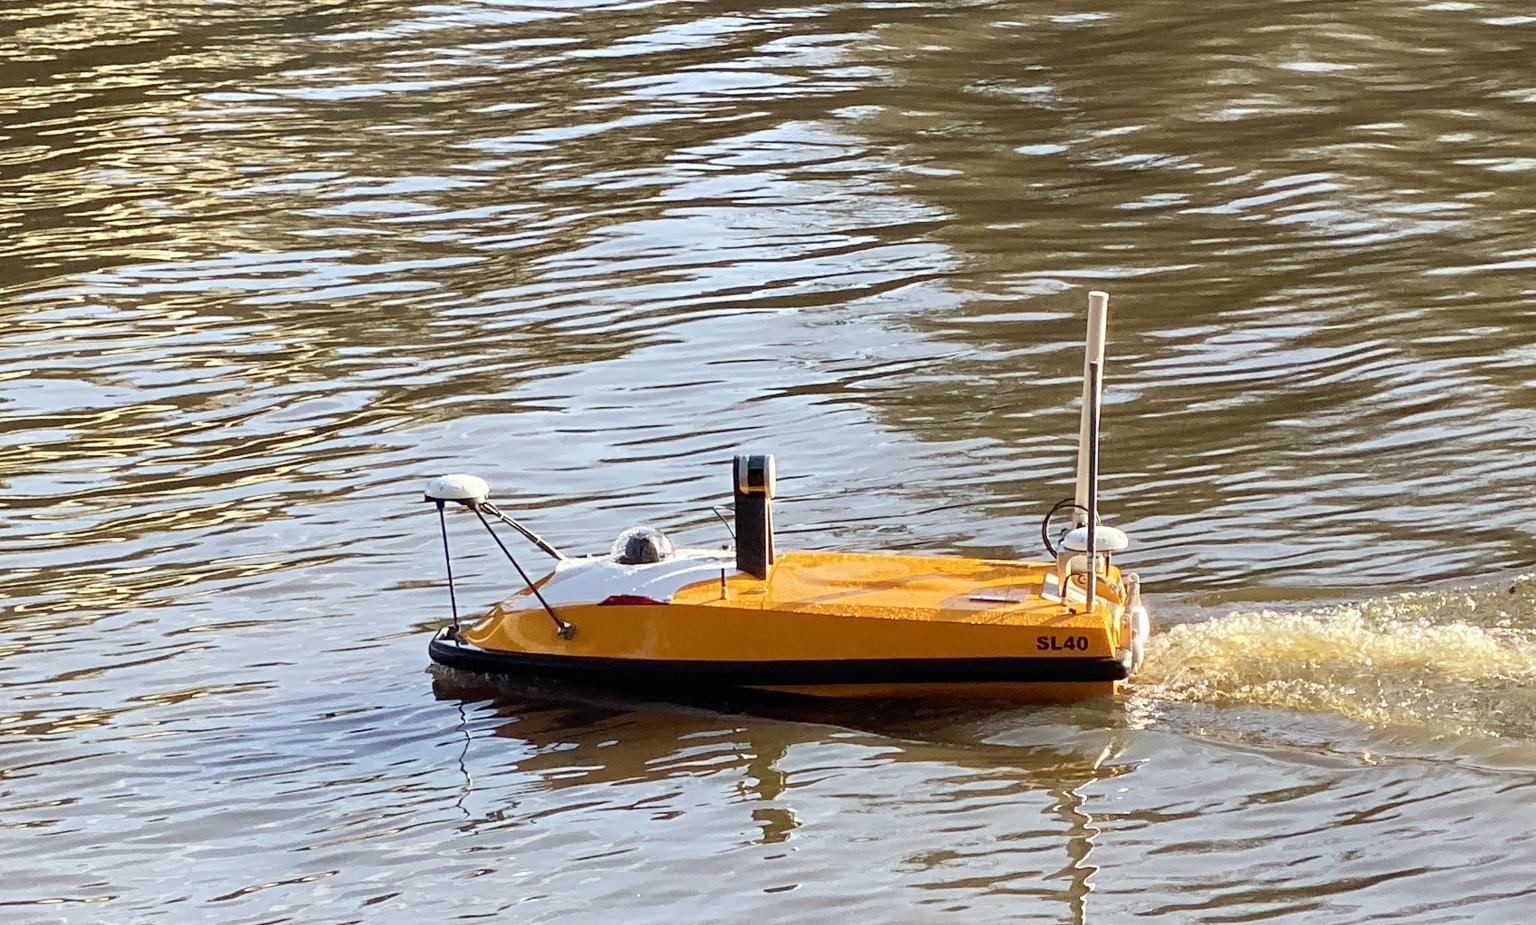 Intégration de la technologie Lidar sur un drone aquatique